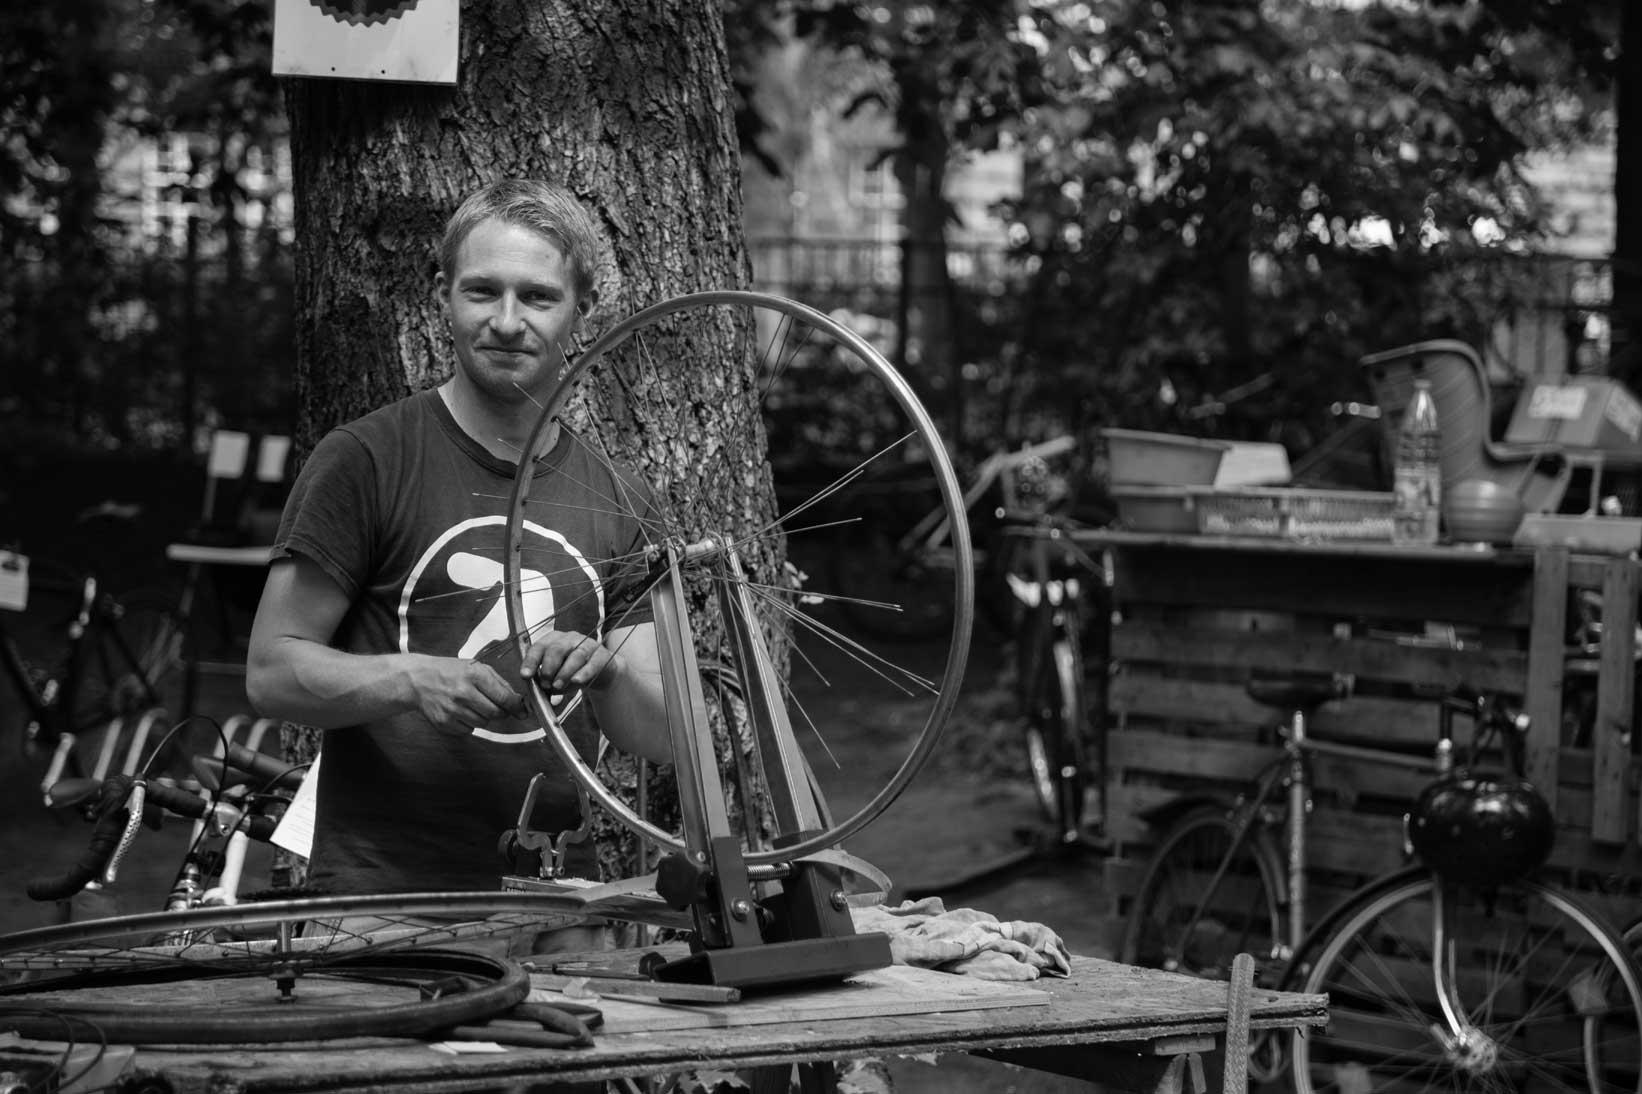 Berliner Fahrradmarkt - Neue und gebrauchte Fahrräder in Berlin günstig kaufen